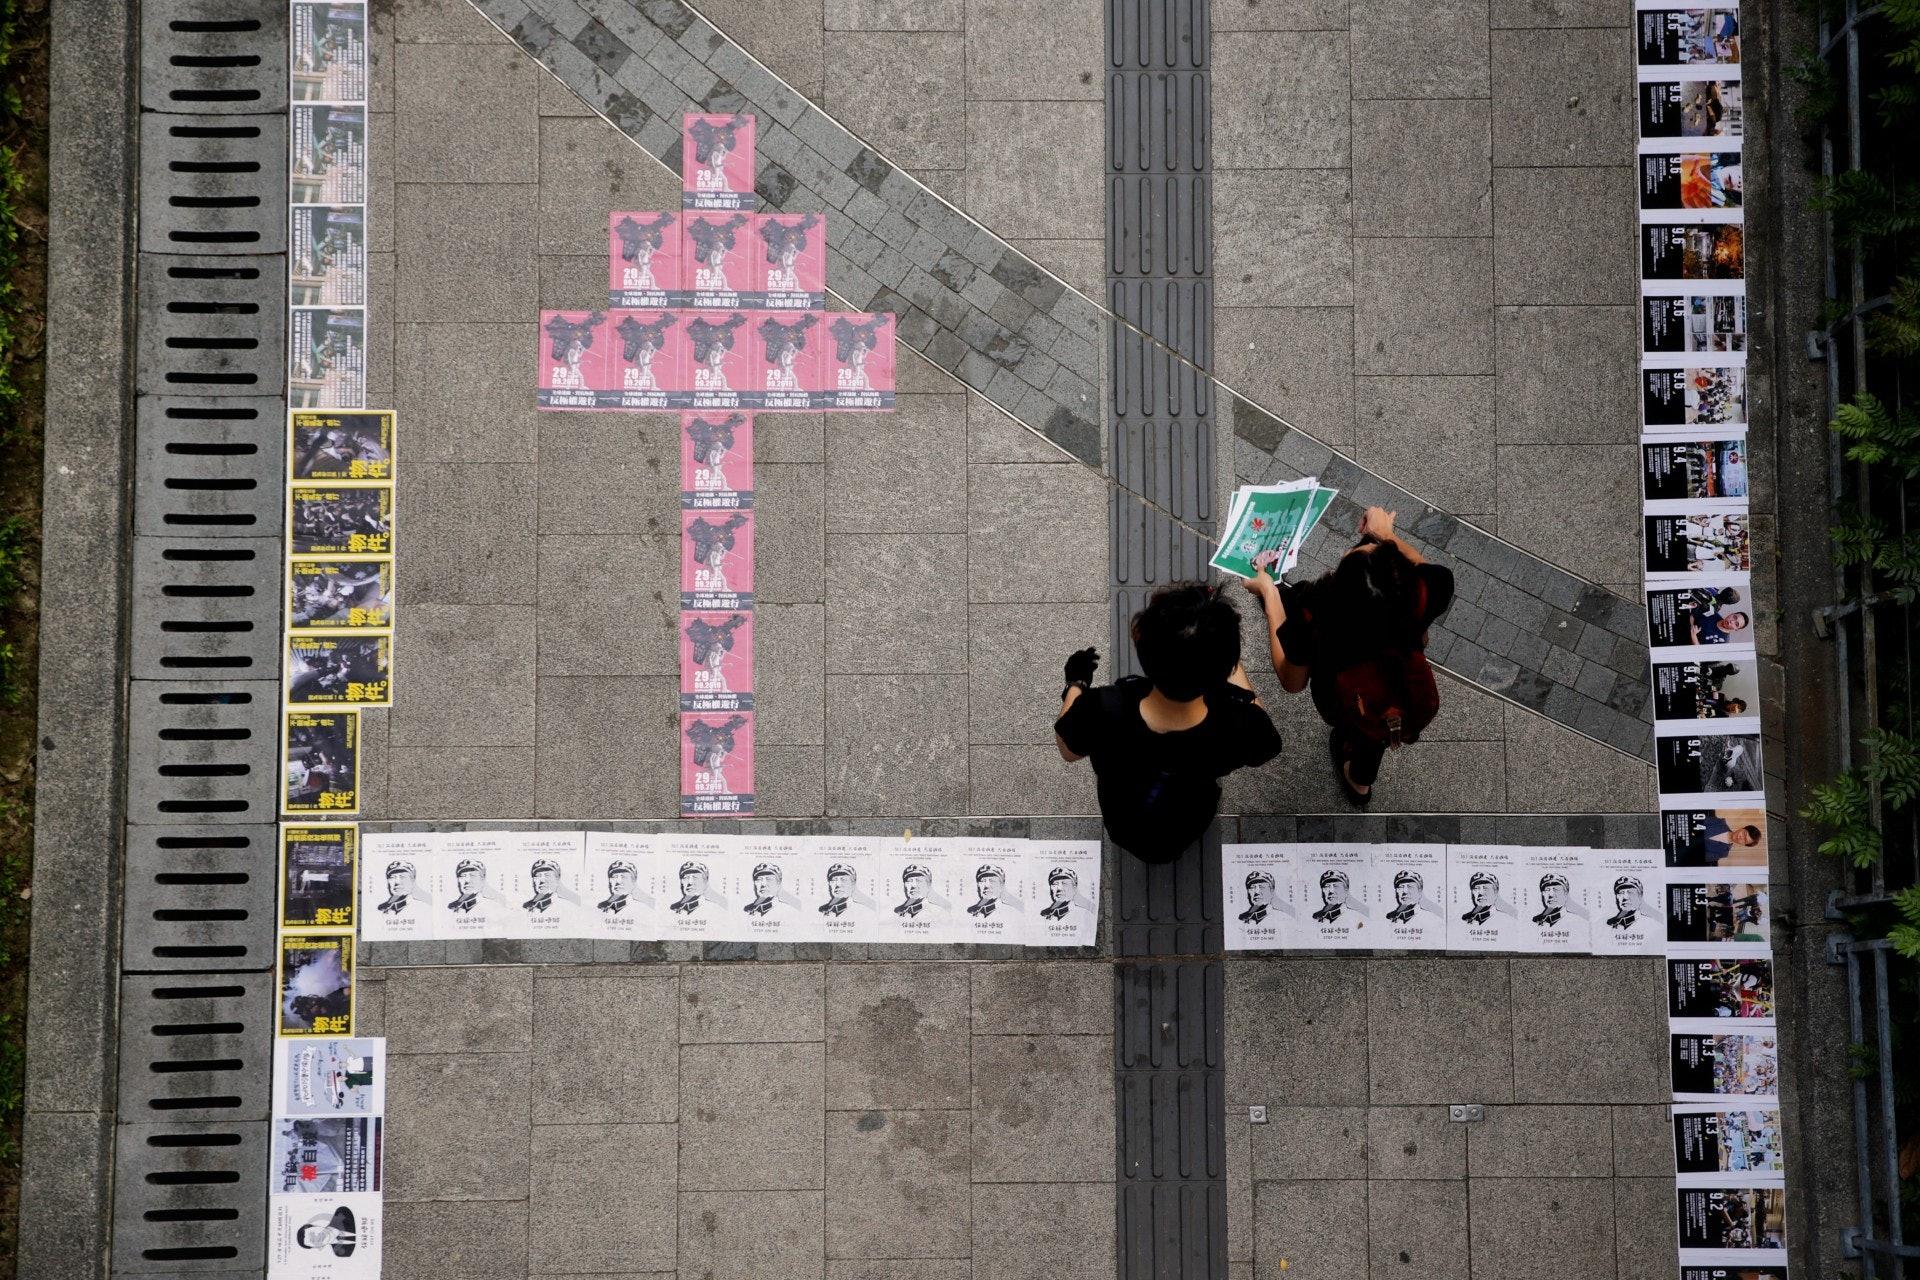 下午4時過後,聚集的人士更多,並在金鐘一帶貼滿宣傳品。(梁鵬威攝)